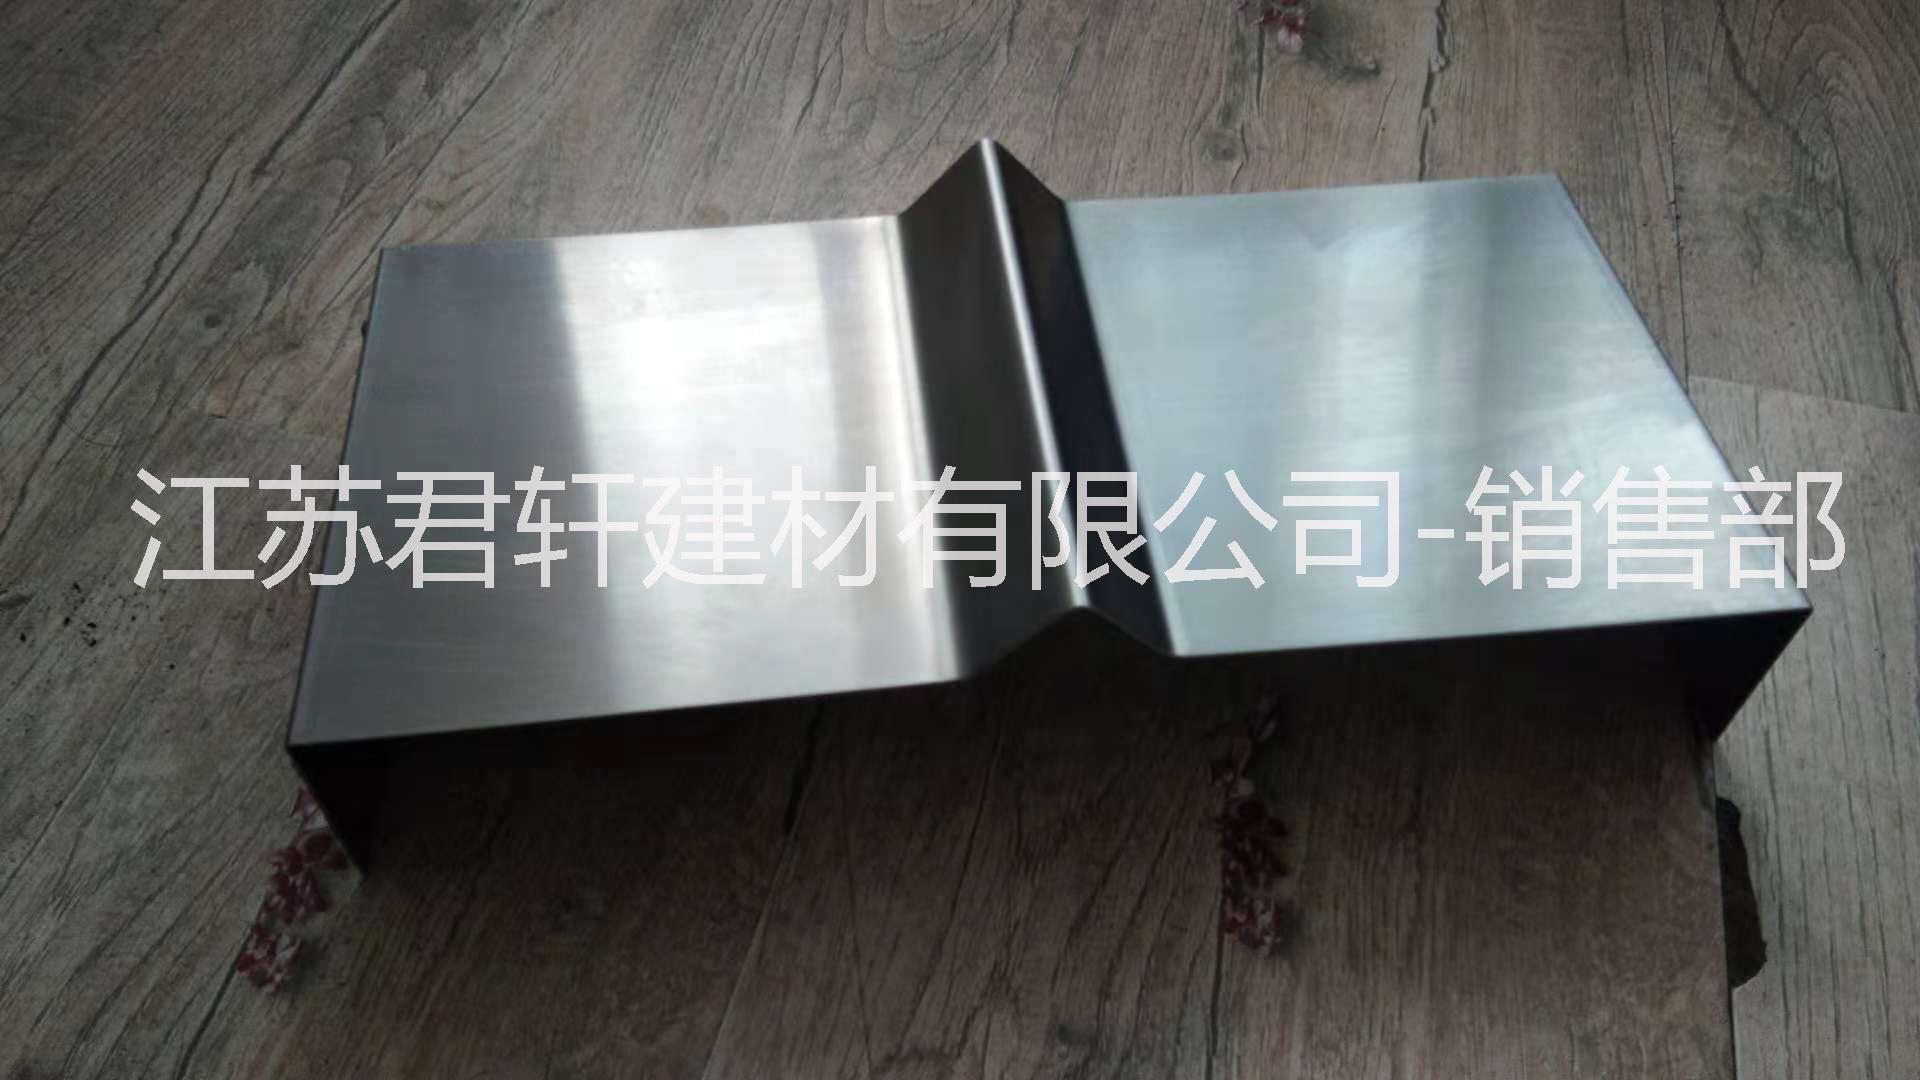 屋面伸缩缝价格比较 屋面伸缩缝的用途